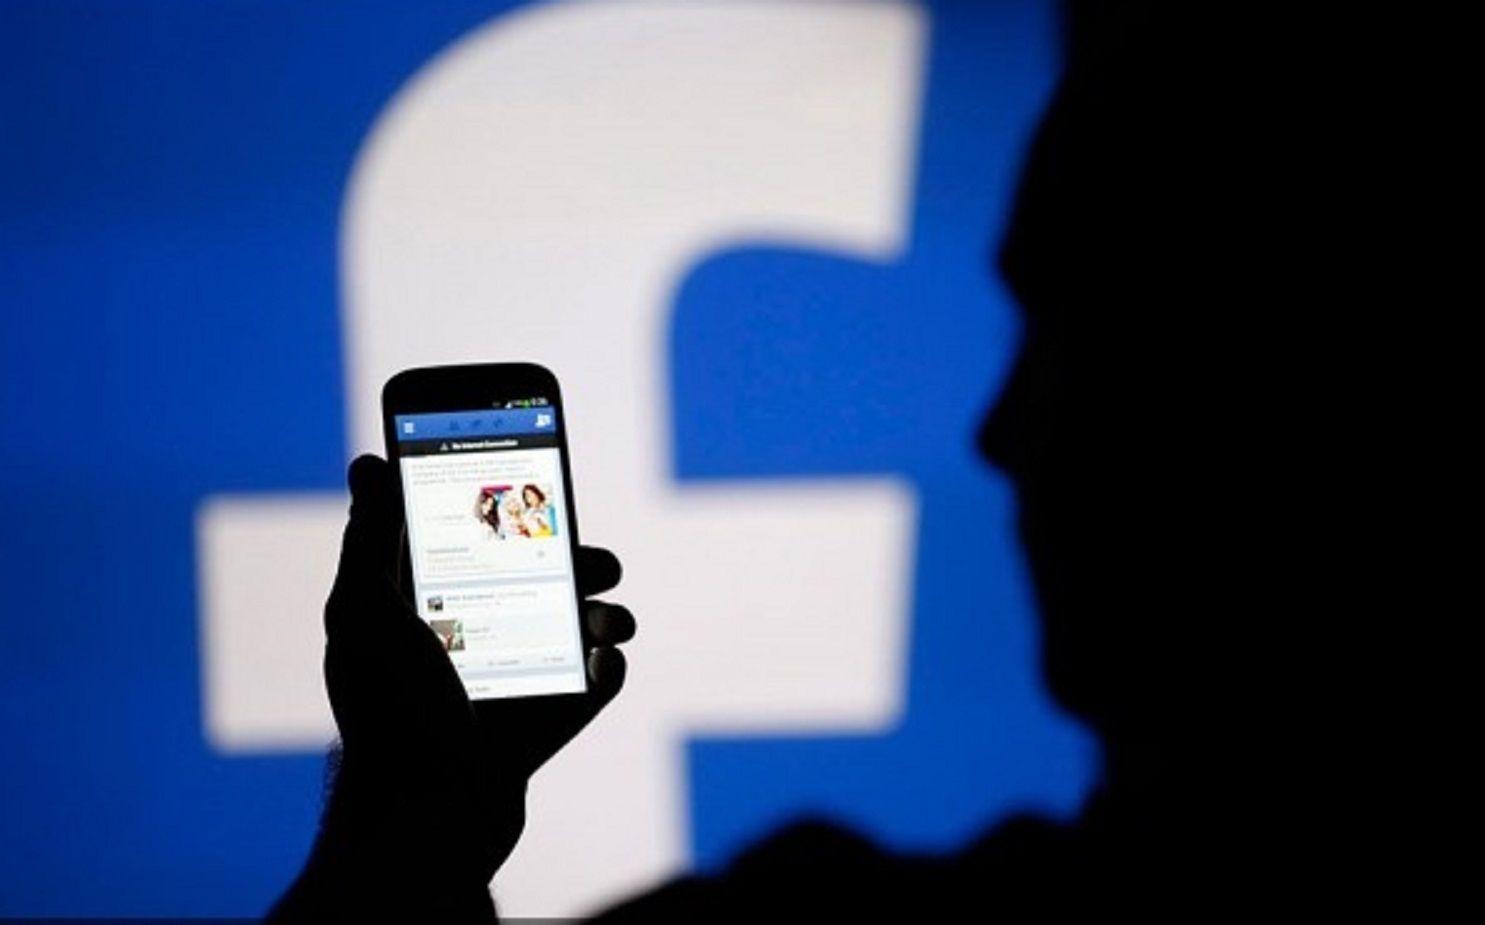 Facebook niega manipular contenido en la red en contra de los conservadores